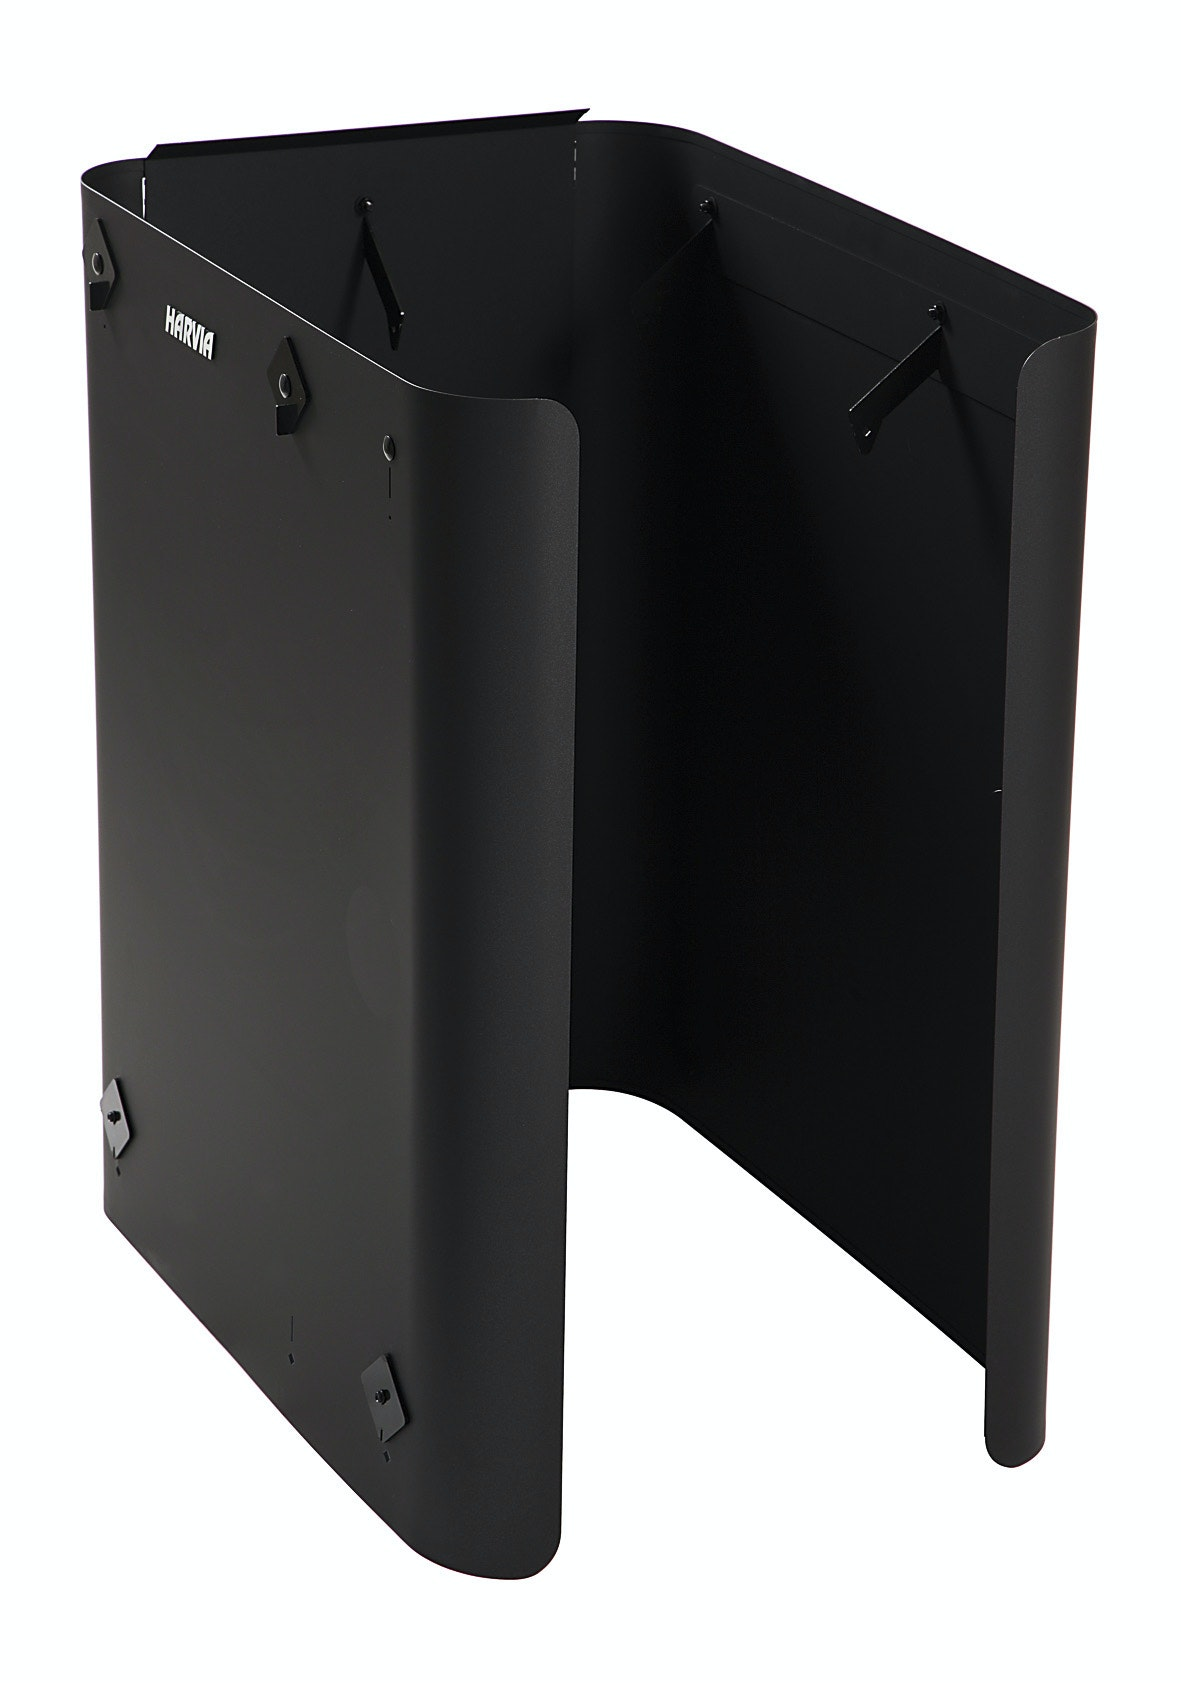 Skyddsvägg Harvia WL650 (heltäckande) för bastuugn 20 ES Pro/S